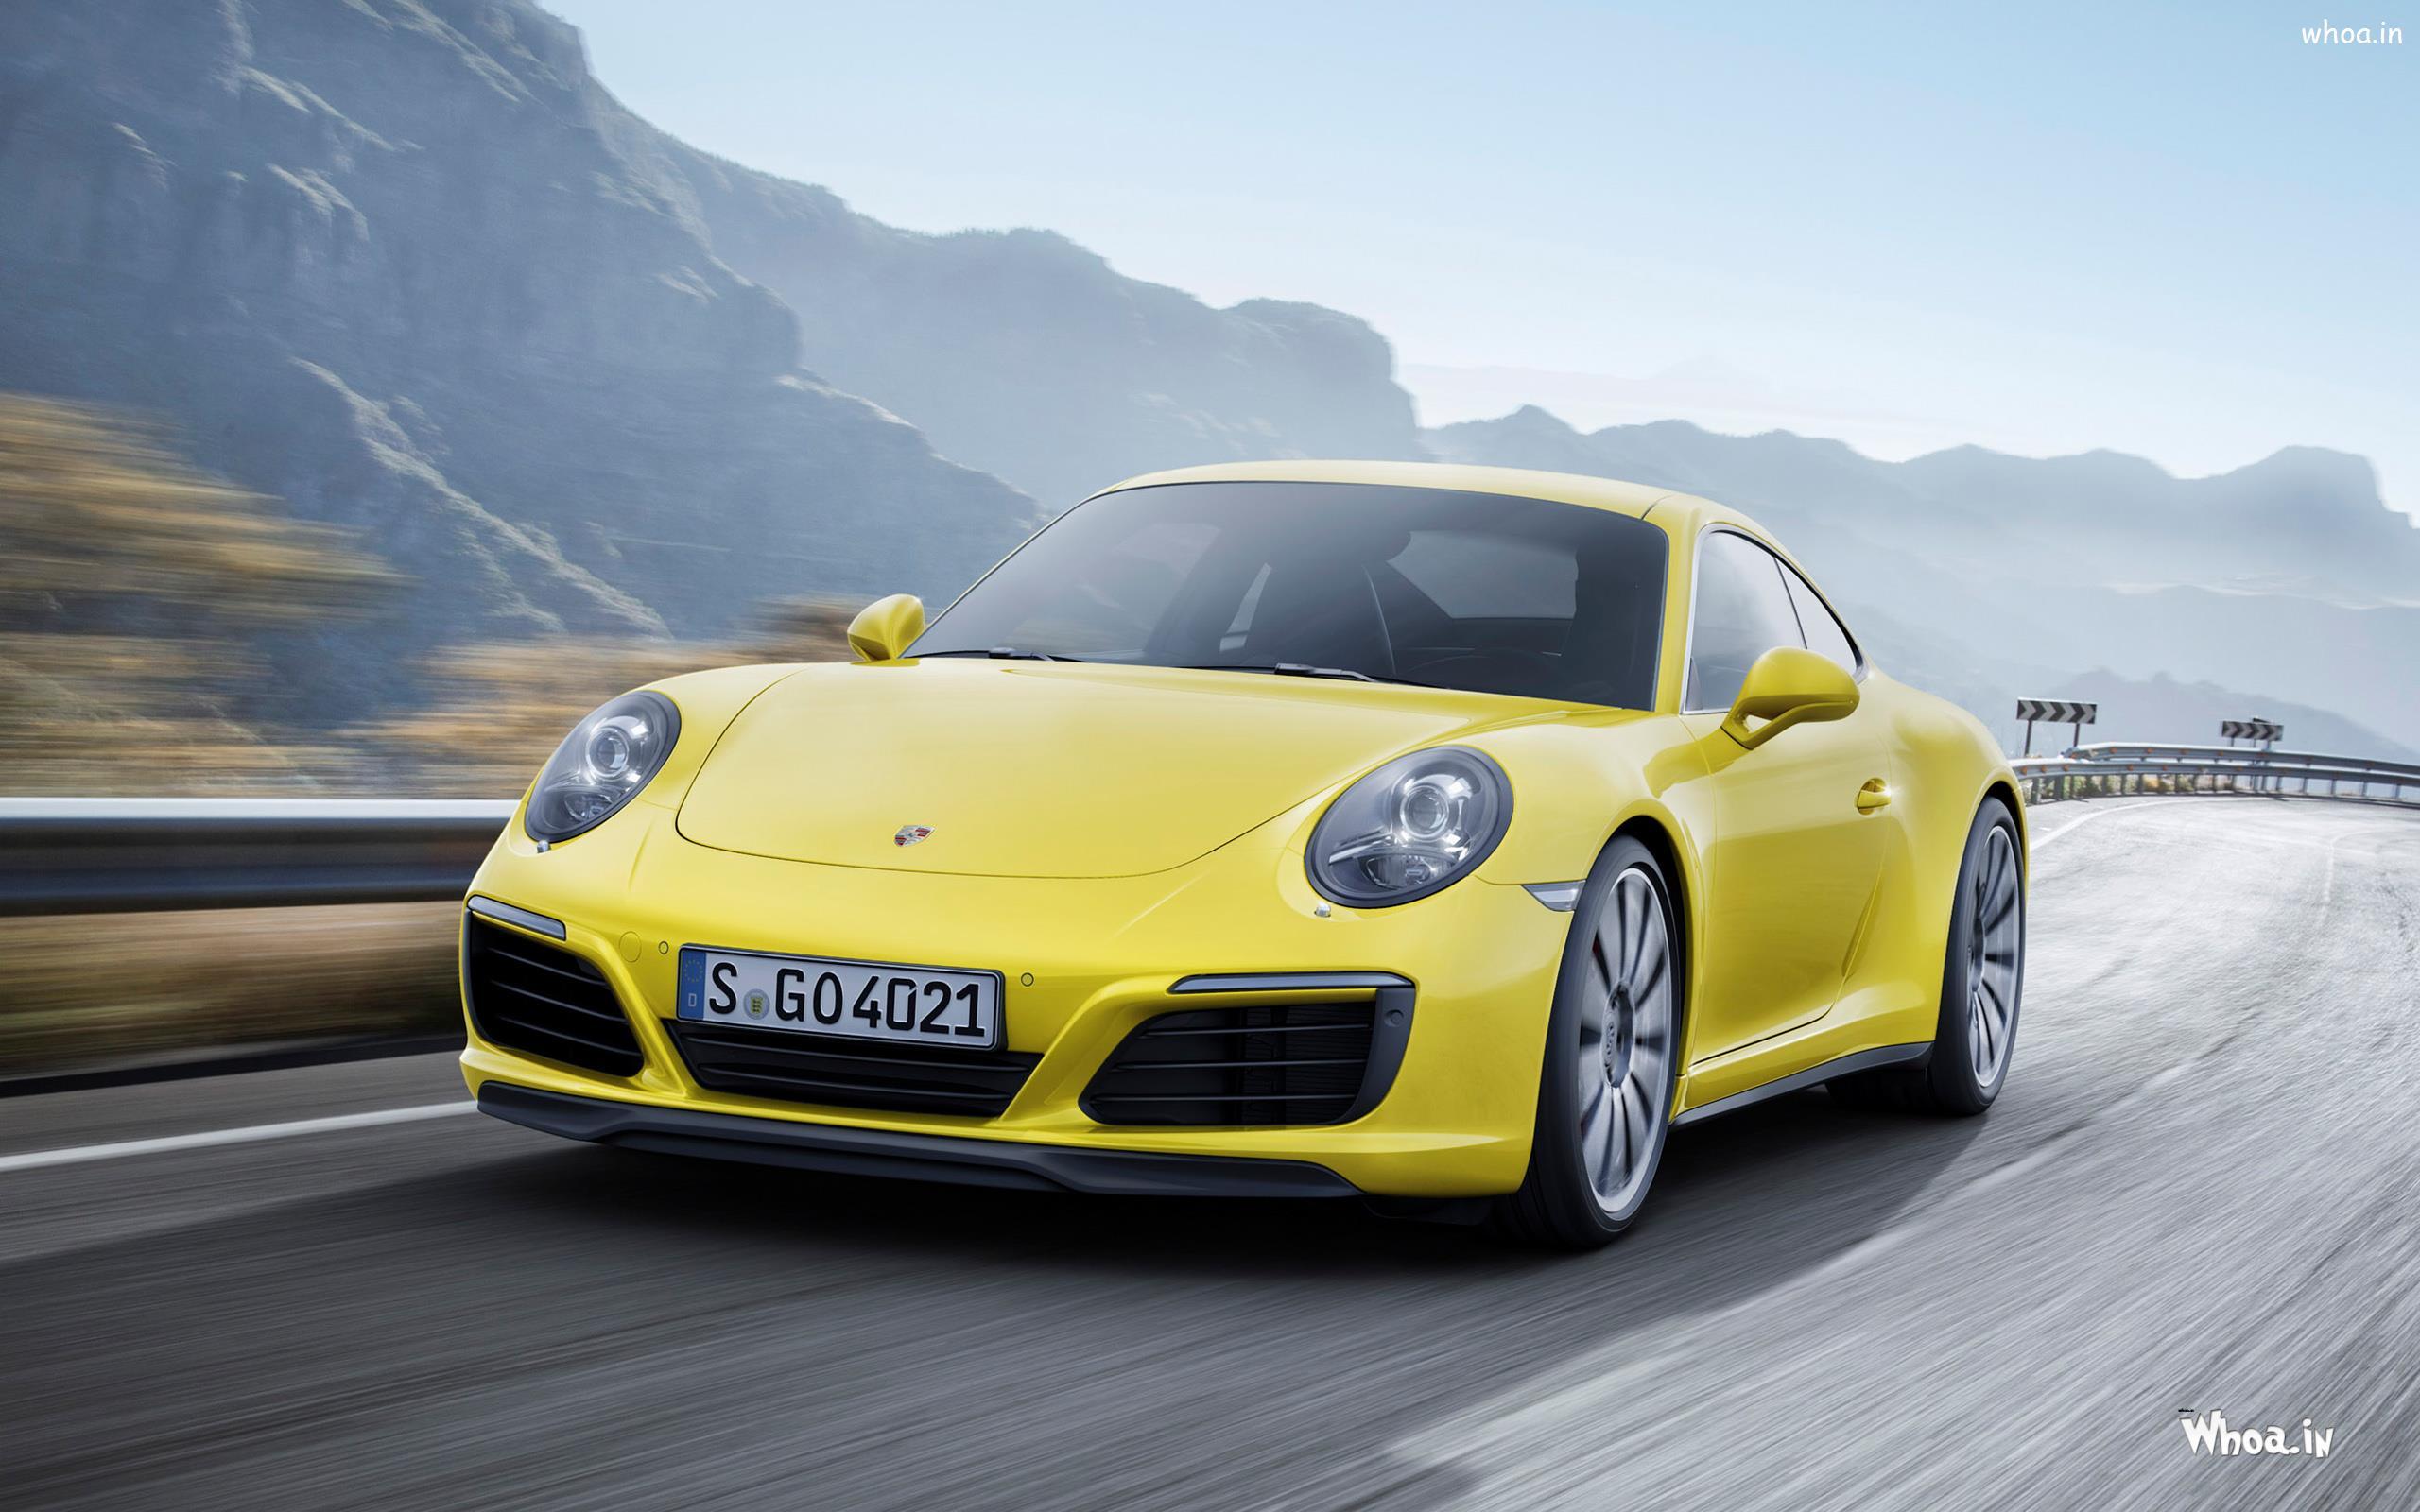 Yellow Porsche Upcoming Model 2017 Hd Wallpaper